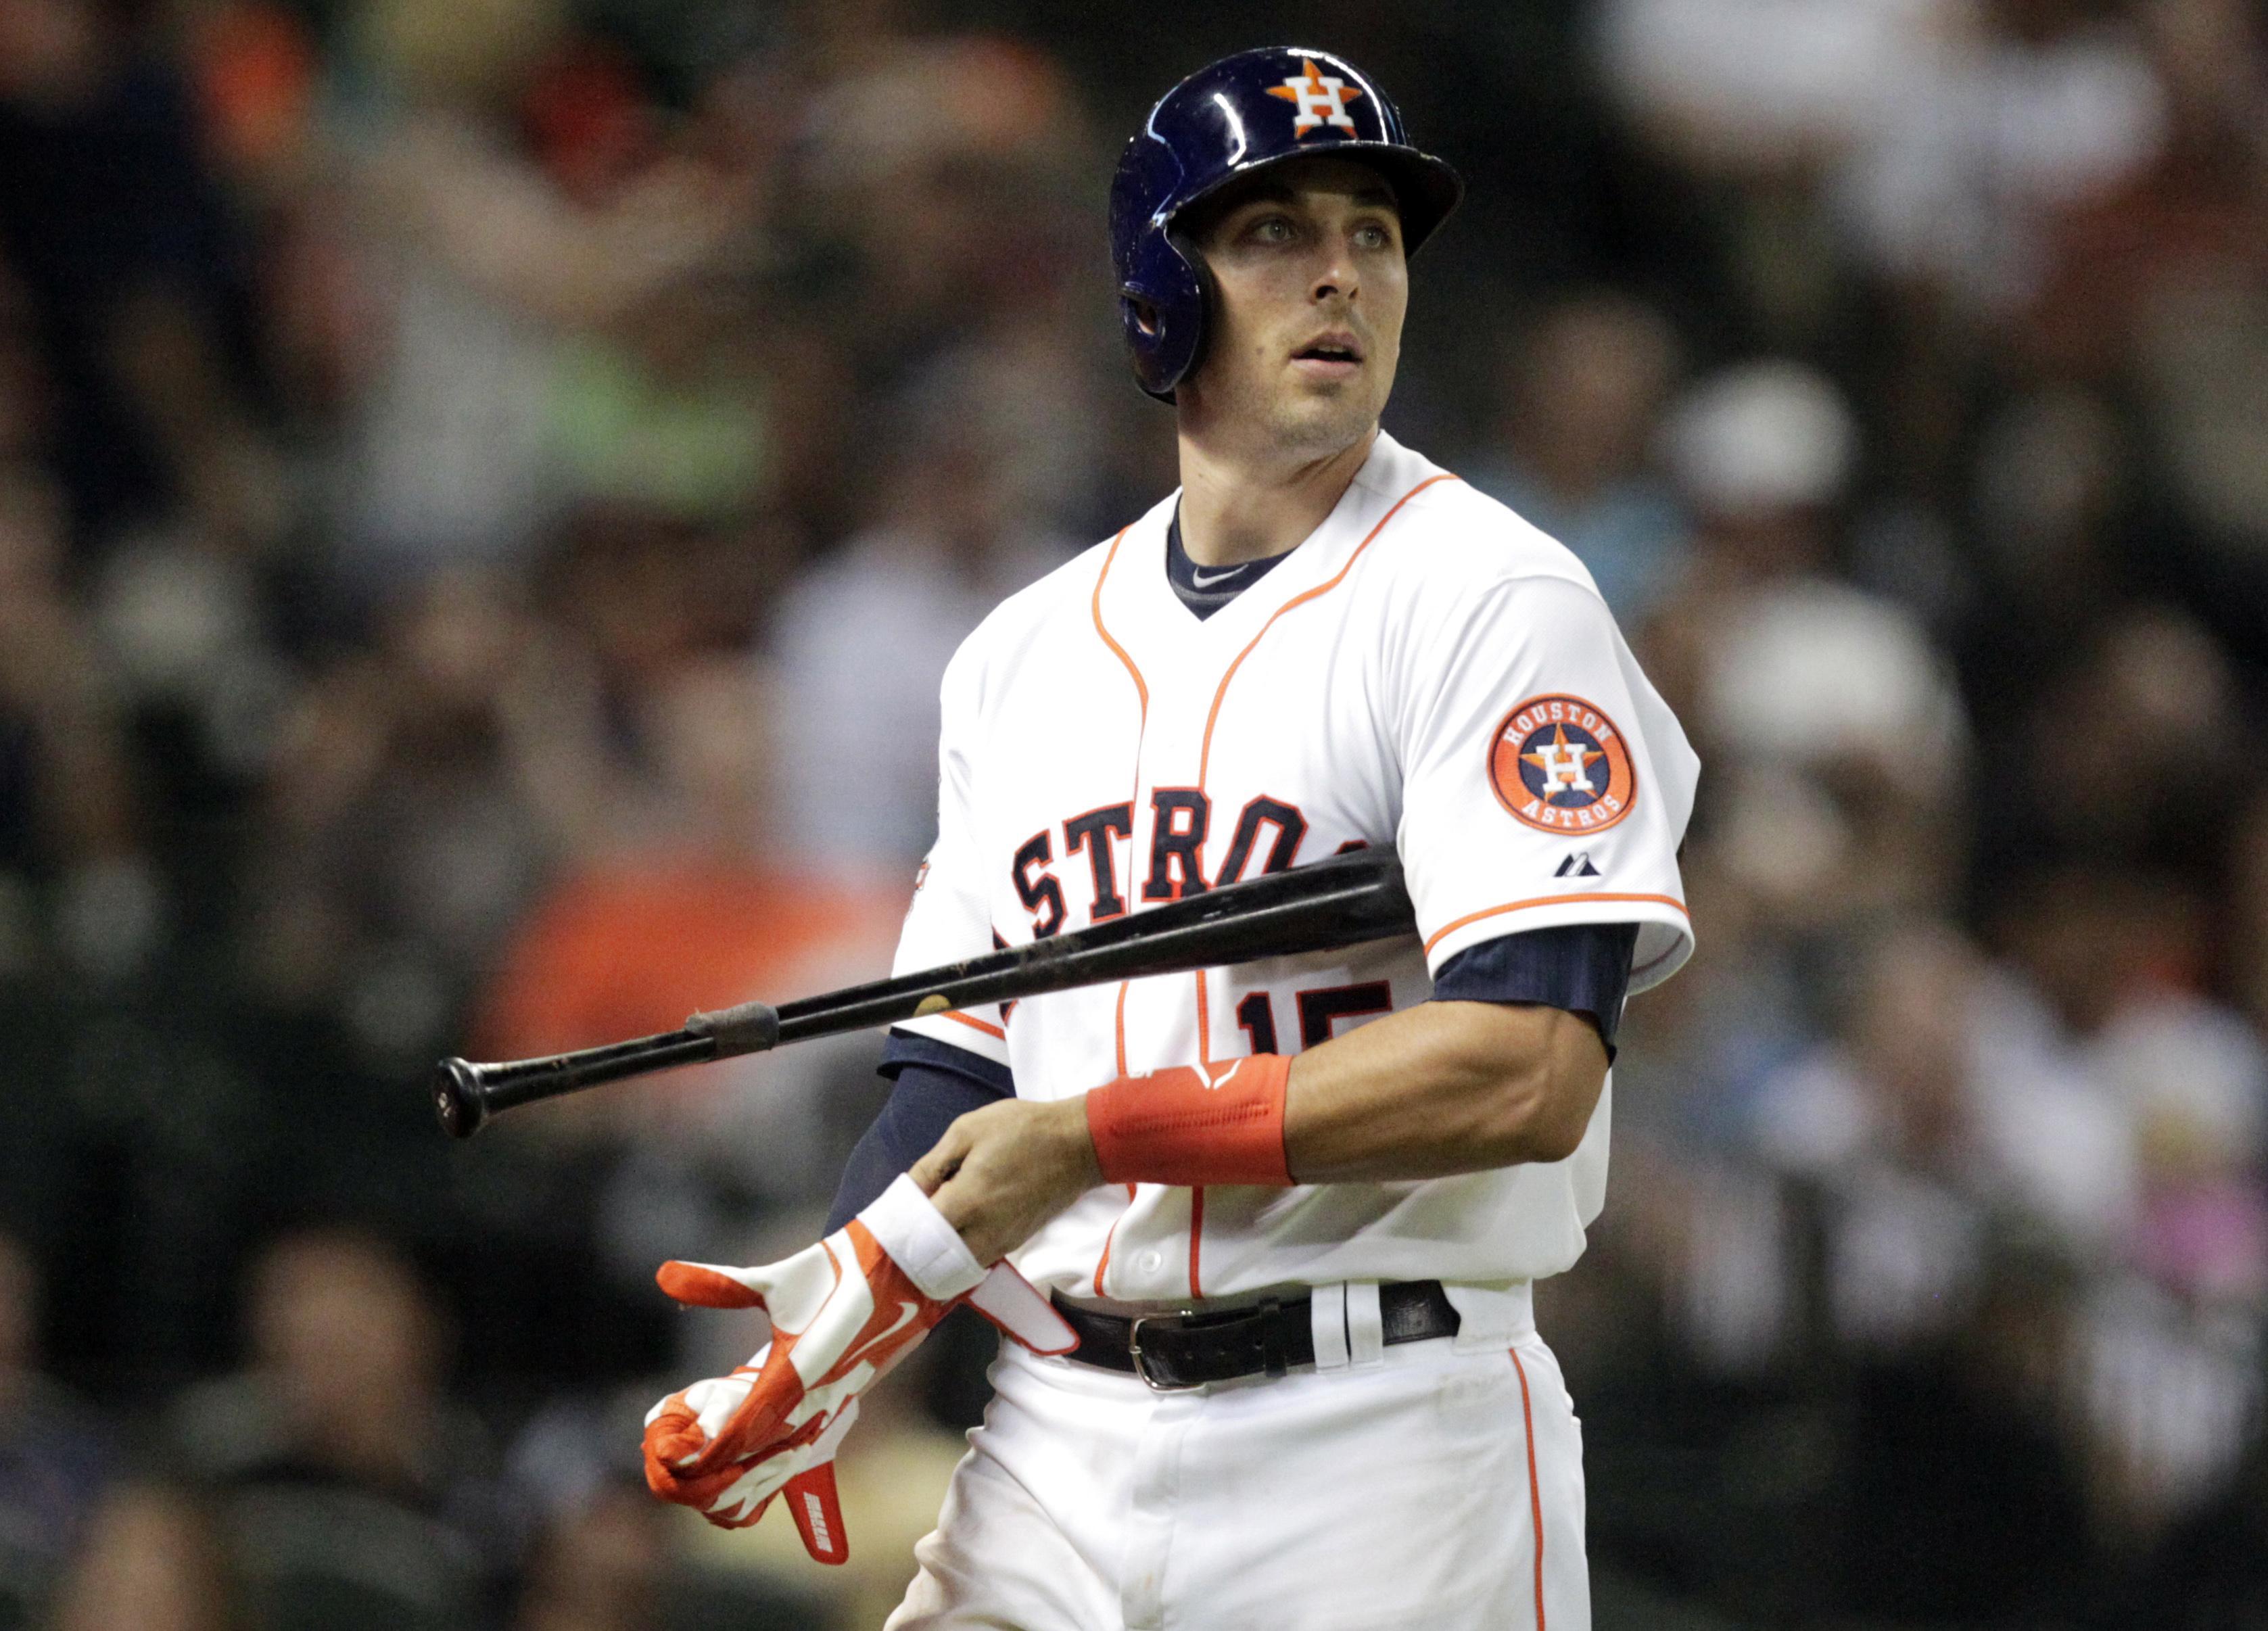 Arbitration_astros_castro_baseball